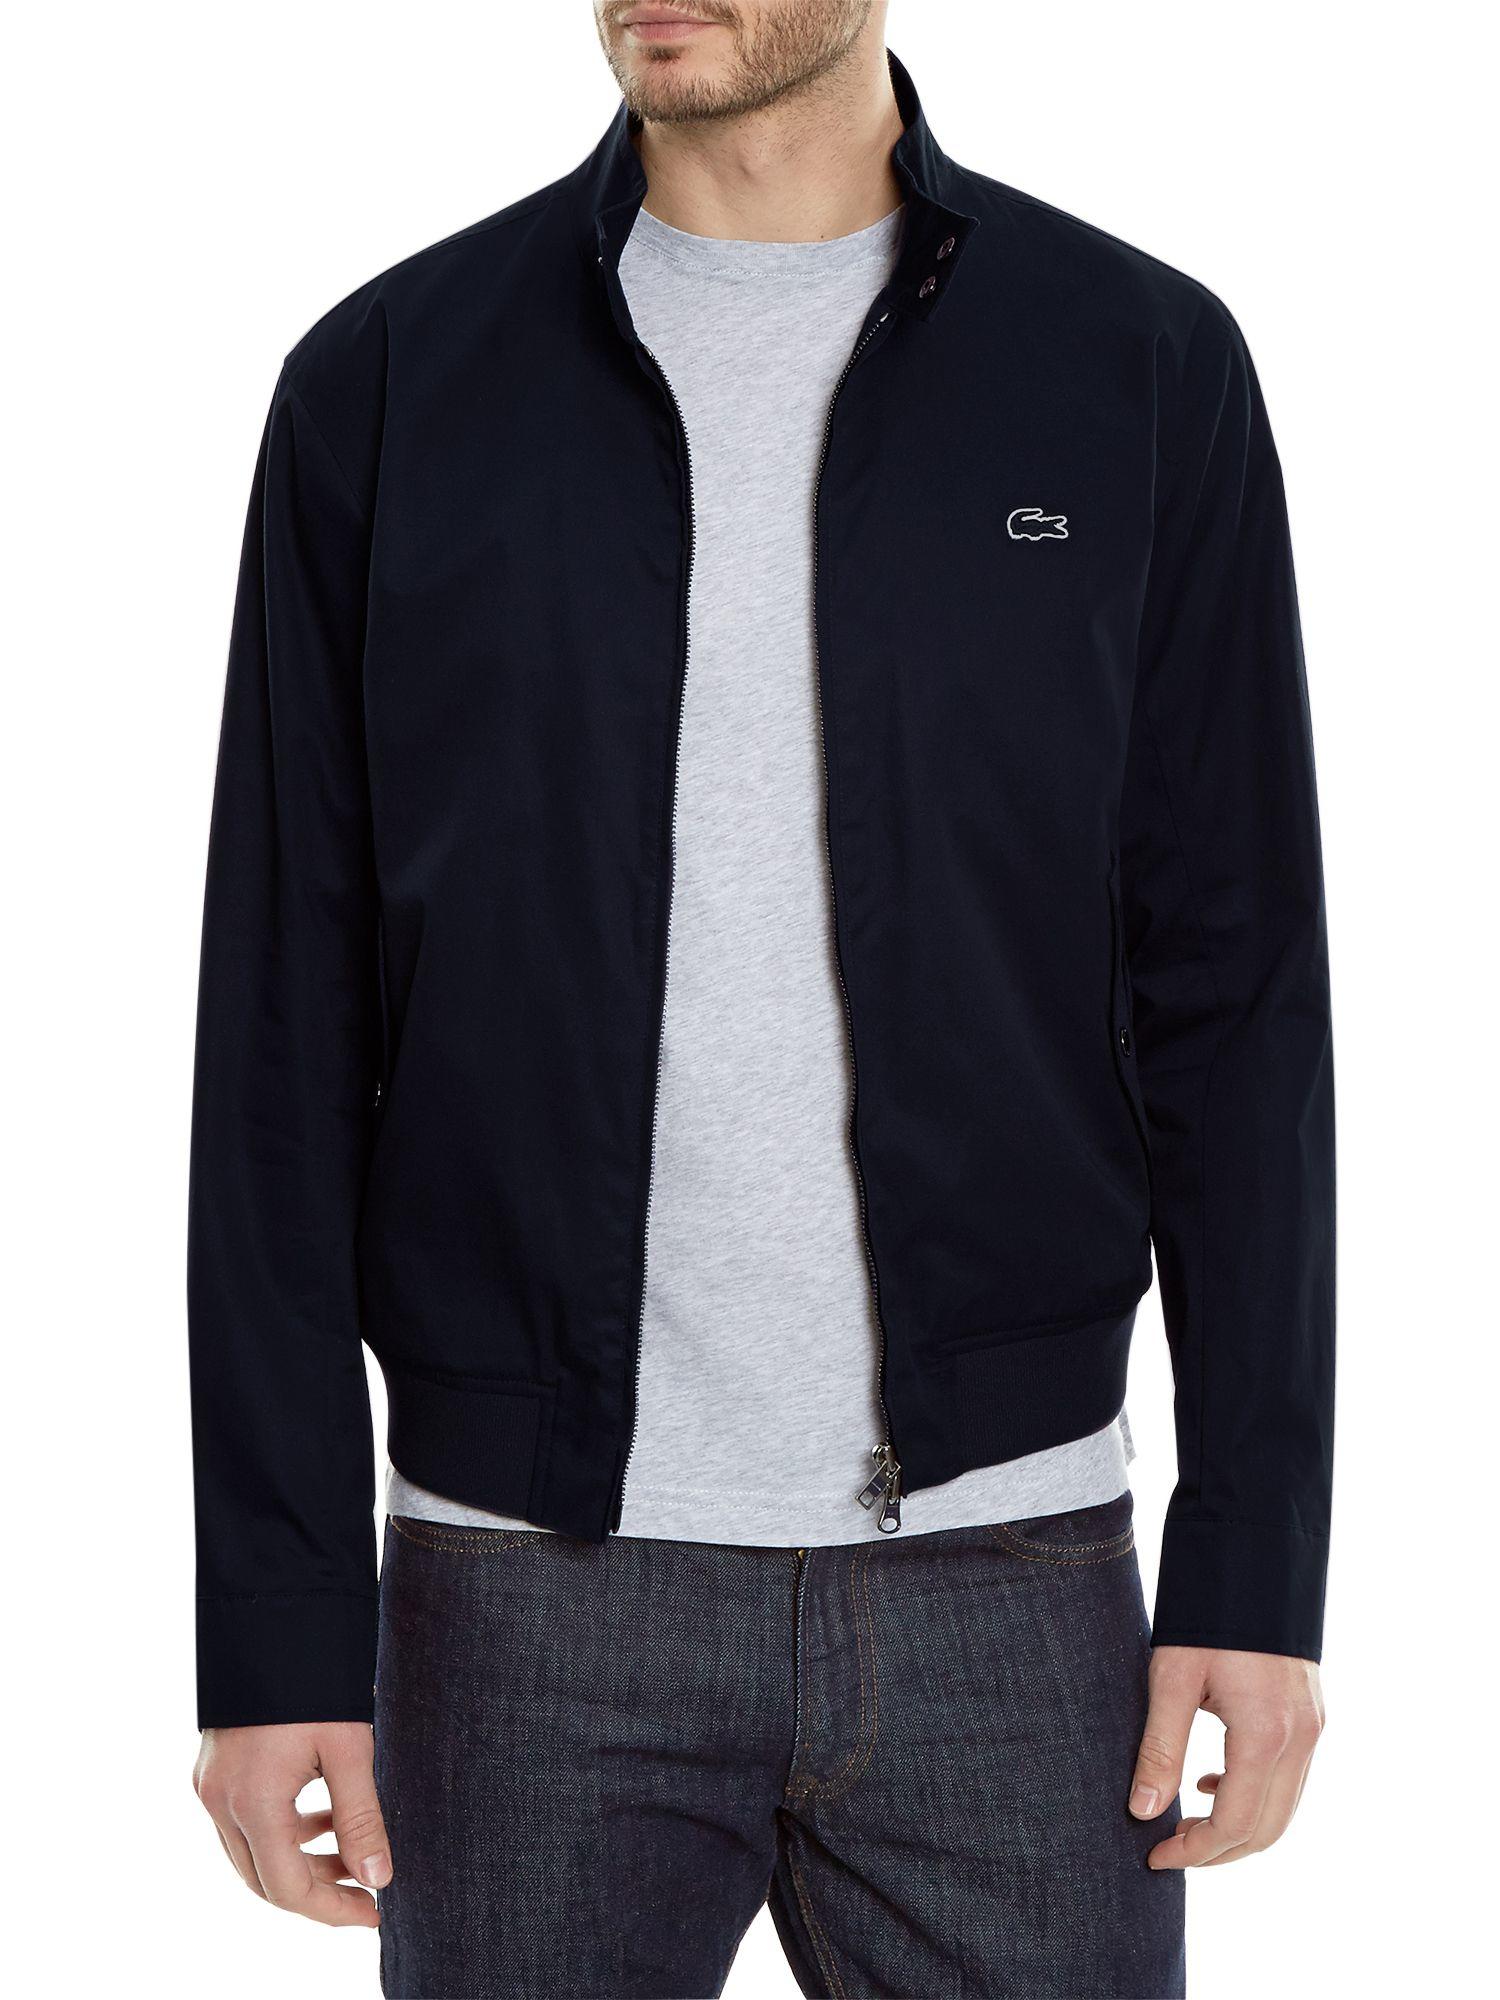 Lacoste Cotton Twill Harrington Jacket In Blue For Men Lyst